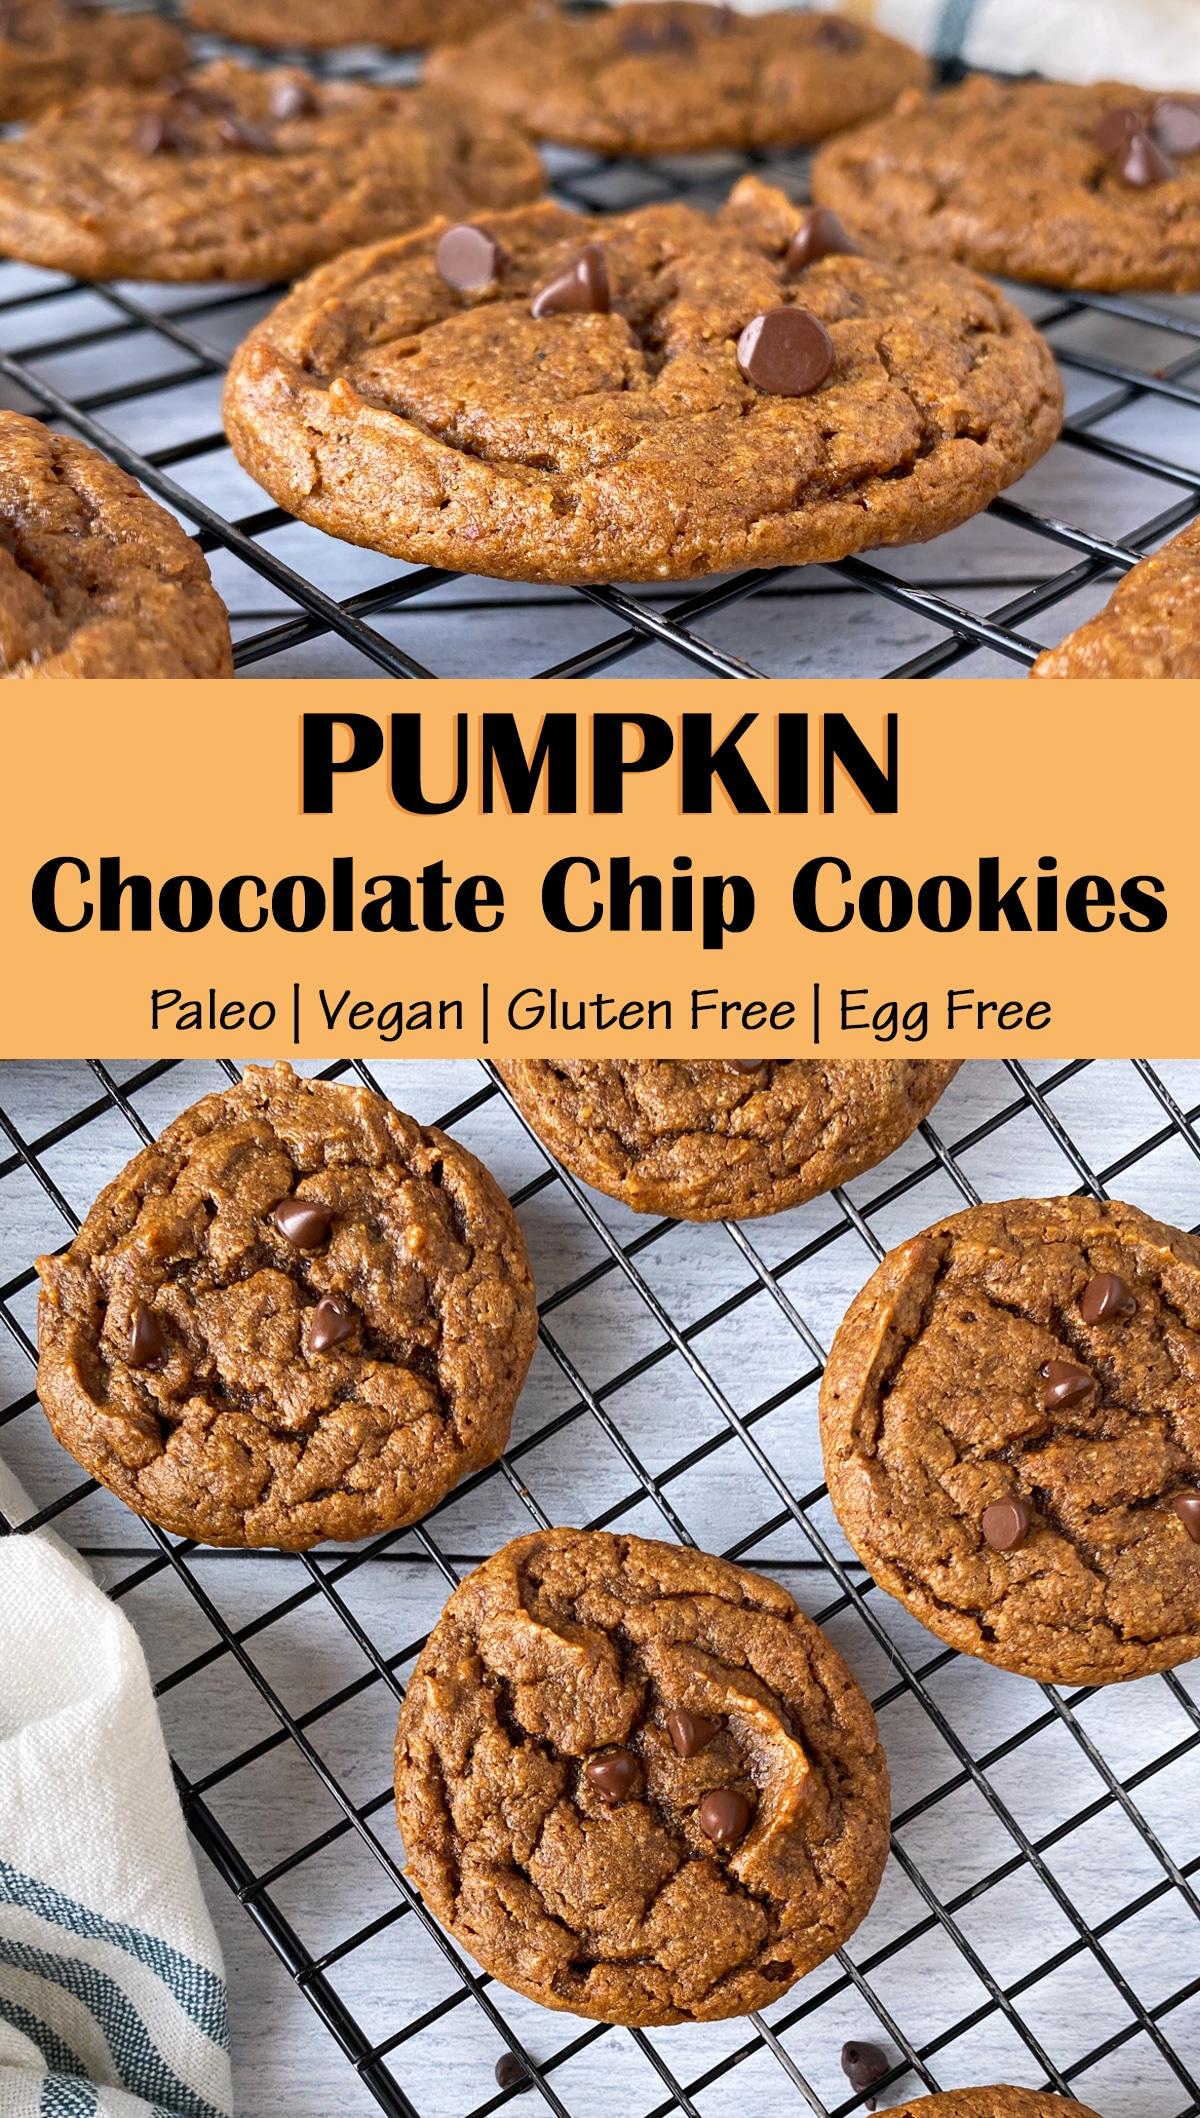 Pumpkin-Chocolate-Chip-Cookie-Recipe